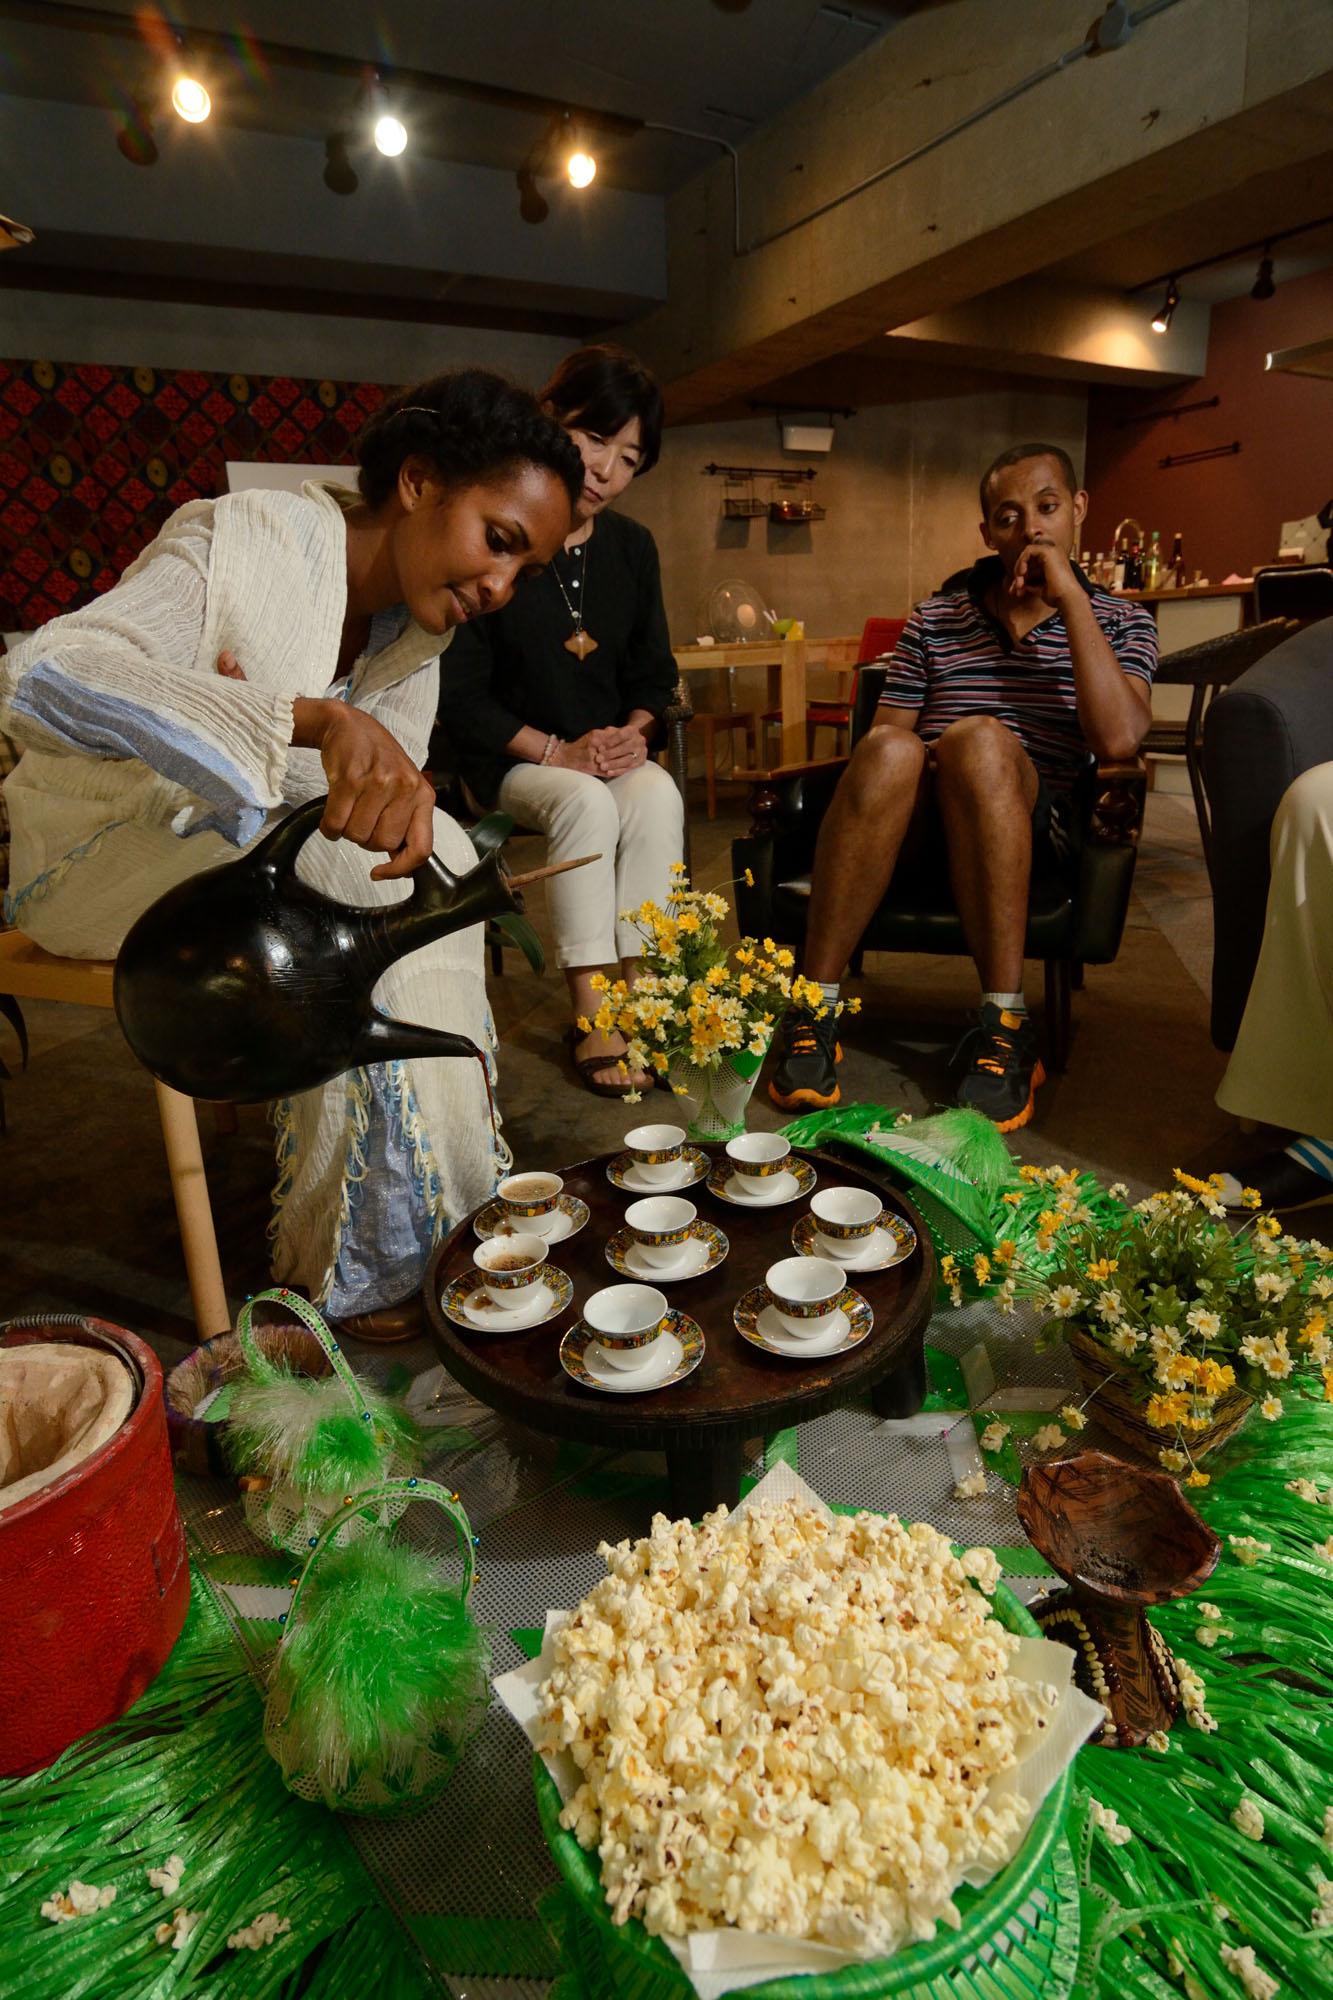 東京・八広の「油田カフェ」でエチオピアのコーヒーセレモニーを行うデンカネシさん。香を焚き、豆を煎り、3杯のコーヒーを楽しむ。ポップコーンはセレモニーでは人気のお菓子